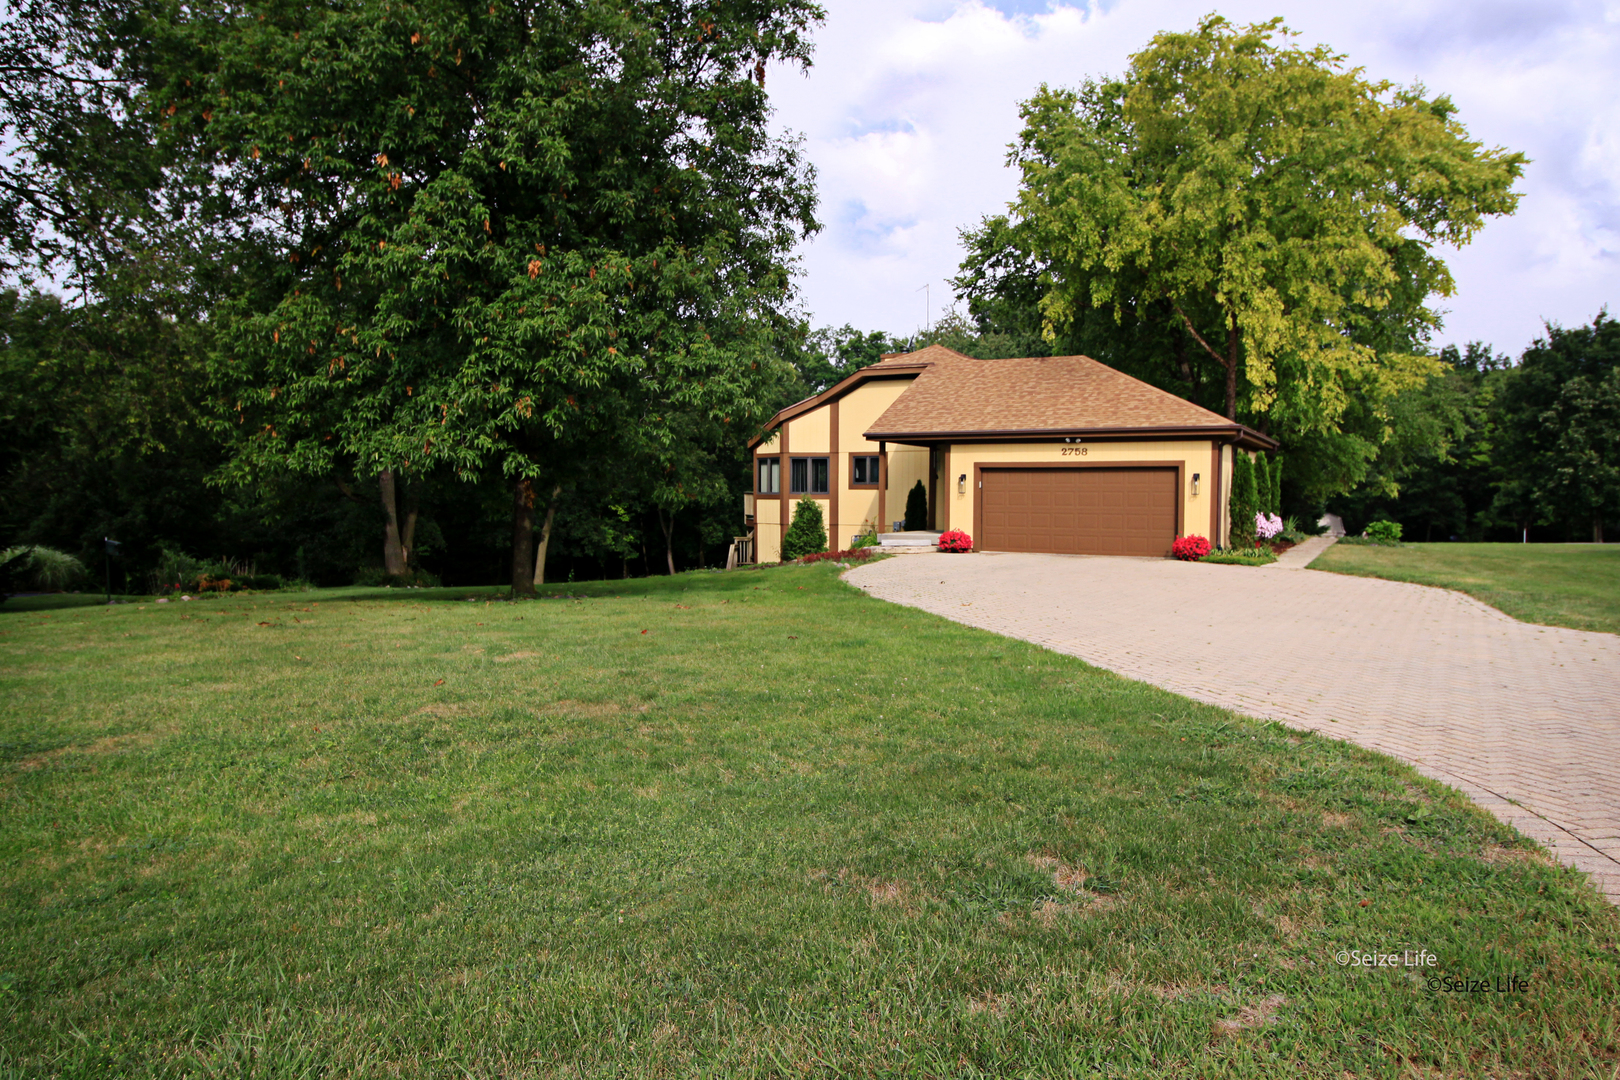 2758 Constance, Marengo, Illinois, 60152